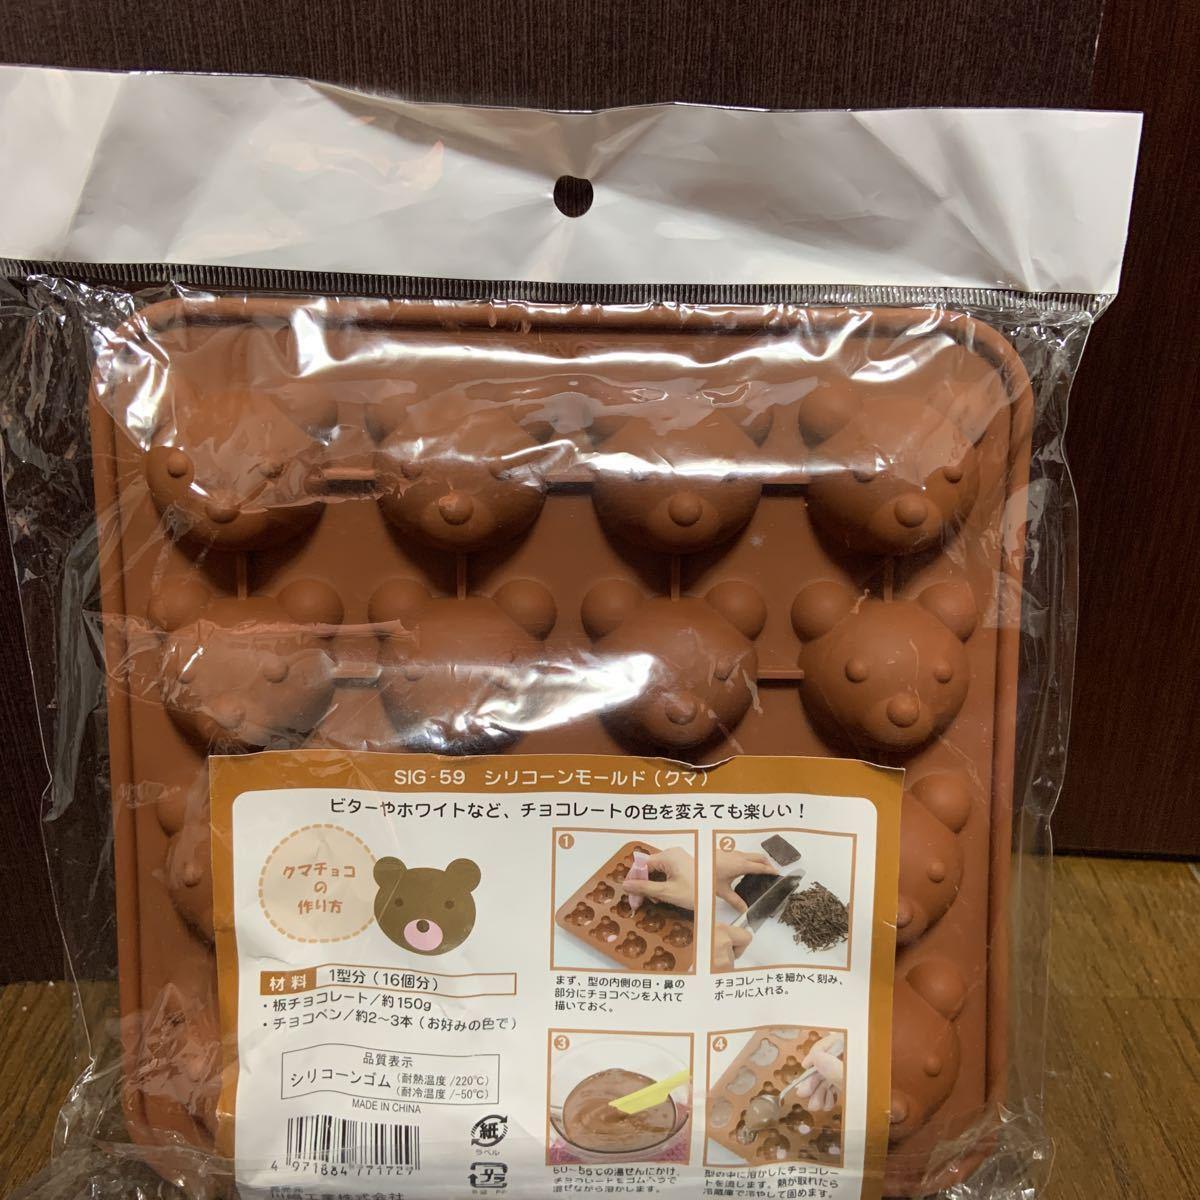 サンクラフト シリコーン型 モールド くま 茶 熊 クマ チョコレート シャーベット 手作り お菓子 製菓 オーブン 電子レンジ 冷凍庫 冷蔵庫_画像2